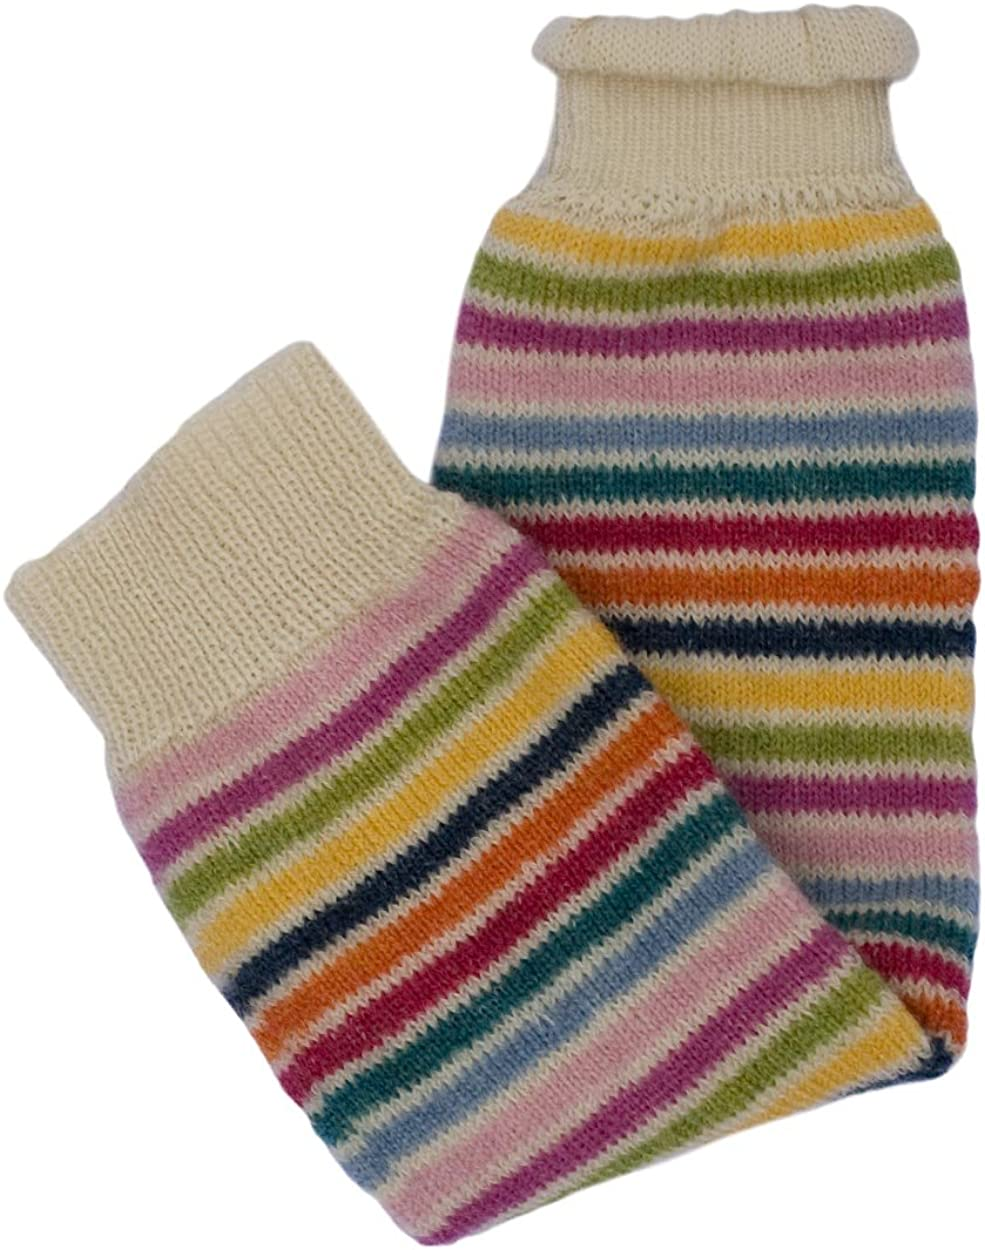 Hirsch Natur Leg Warmers 100/% Wool